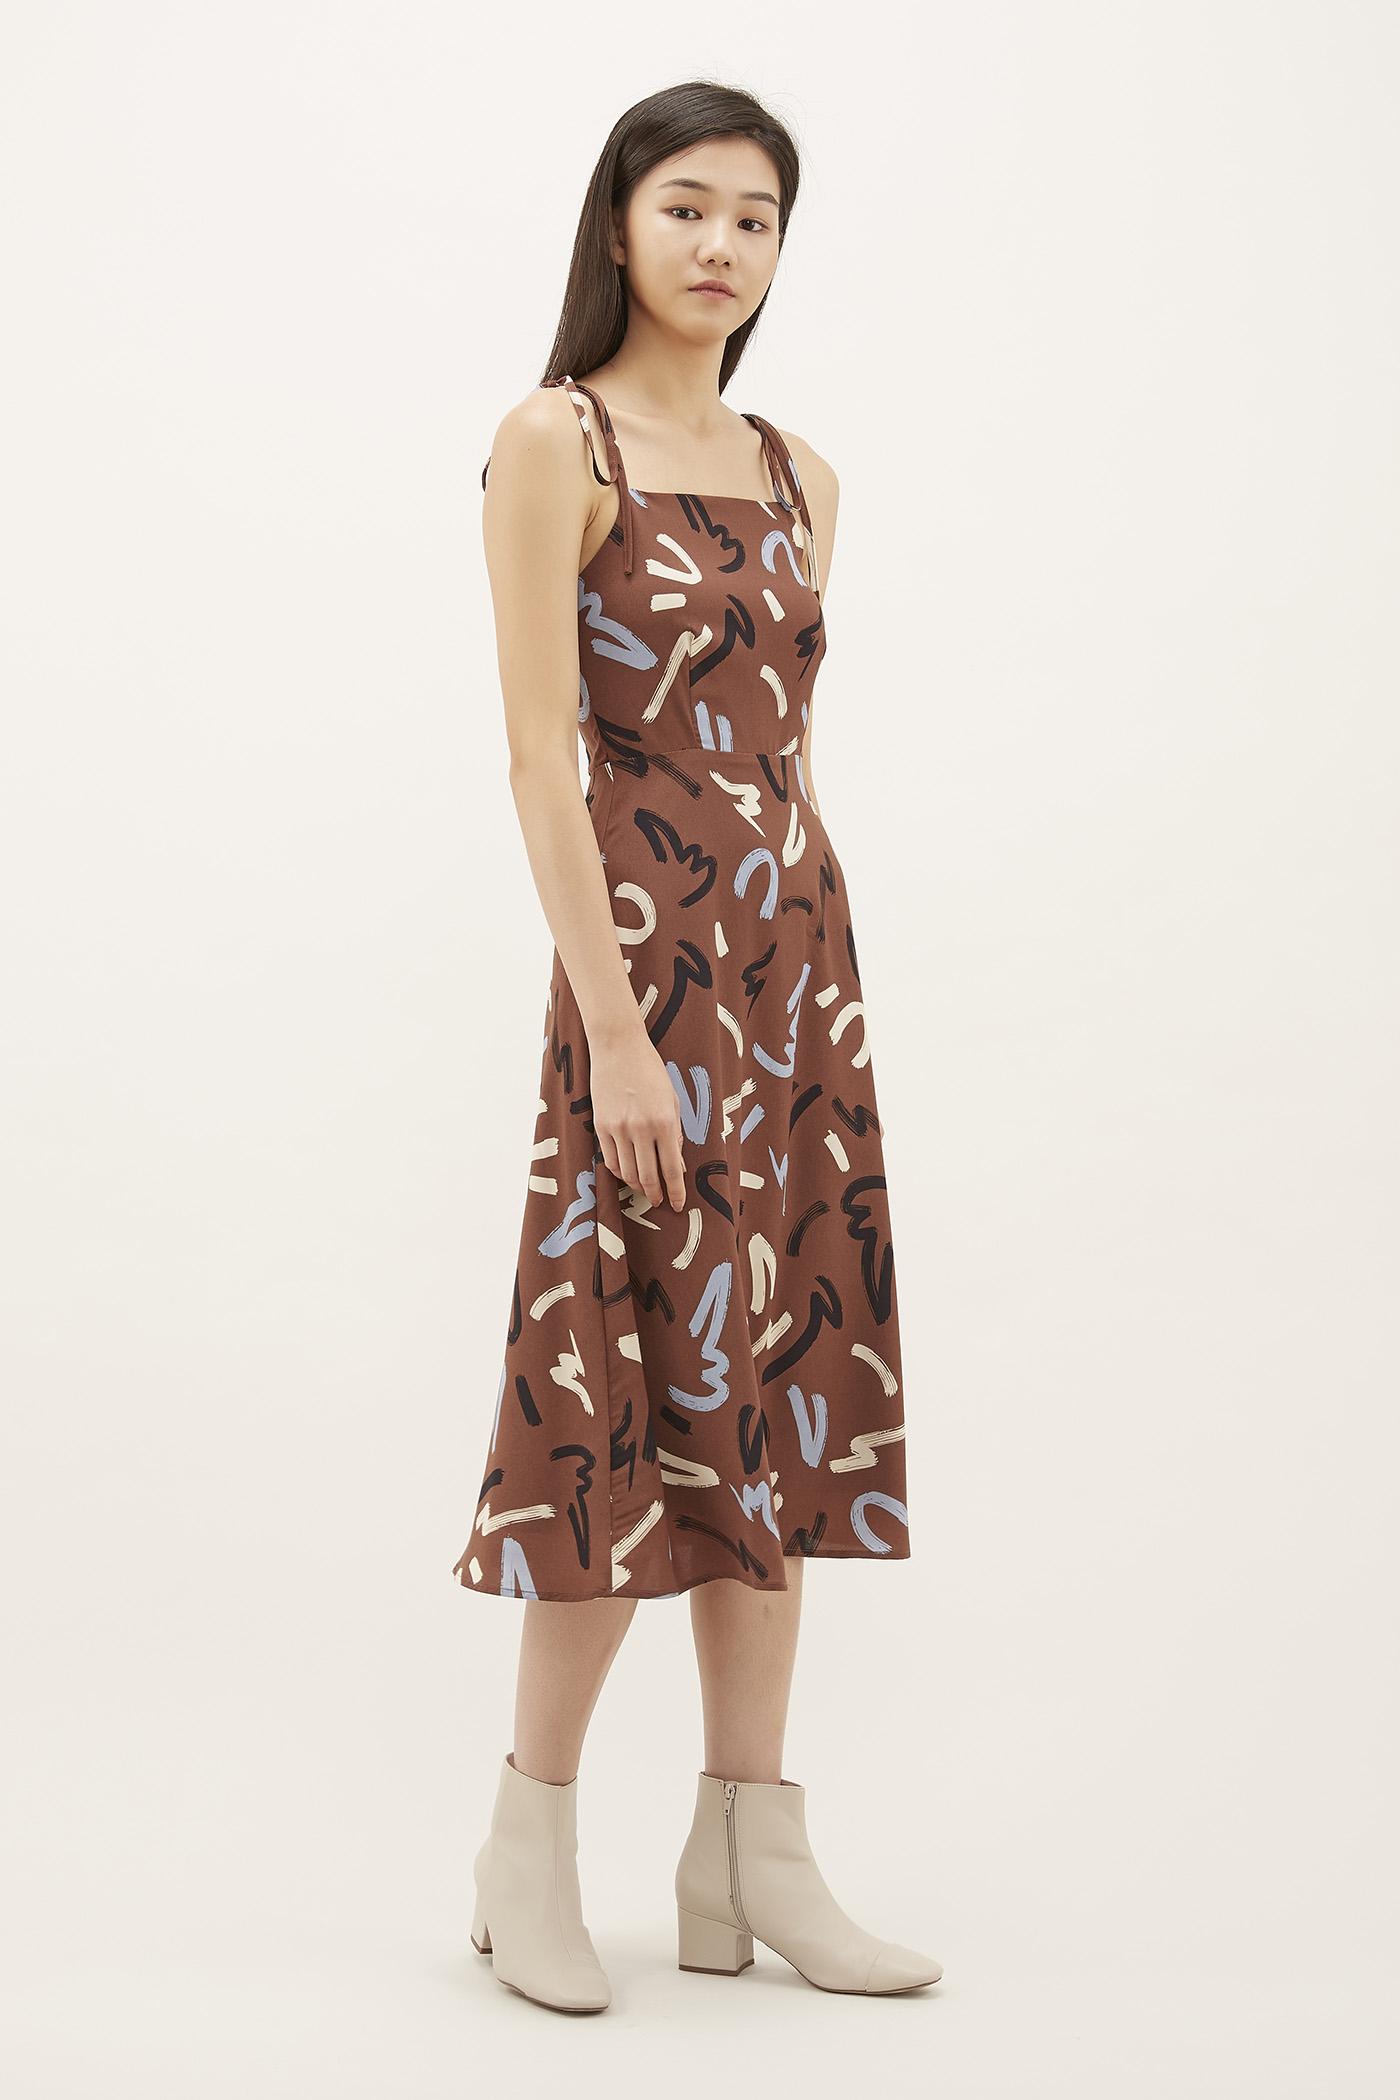 Kowena Strap-tie Dress